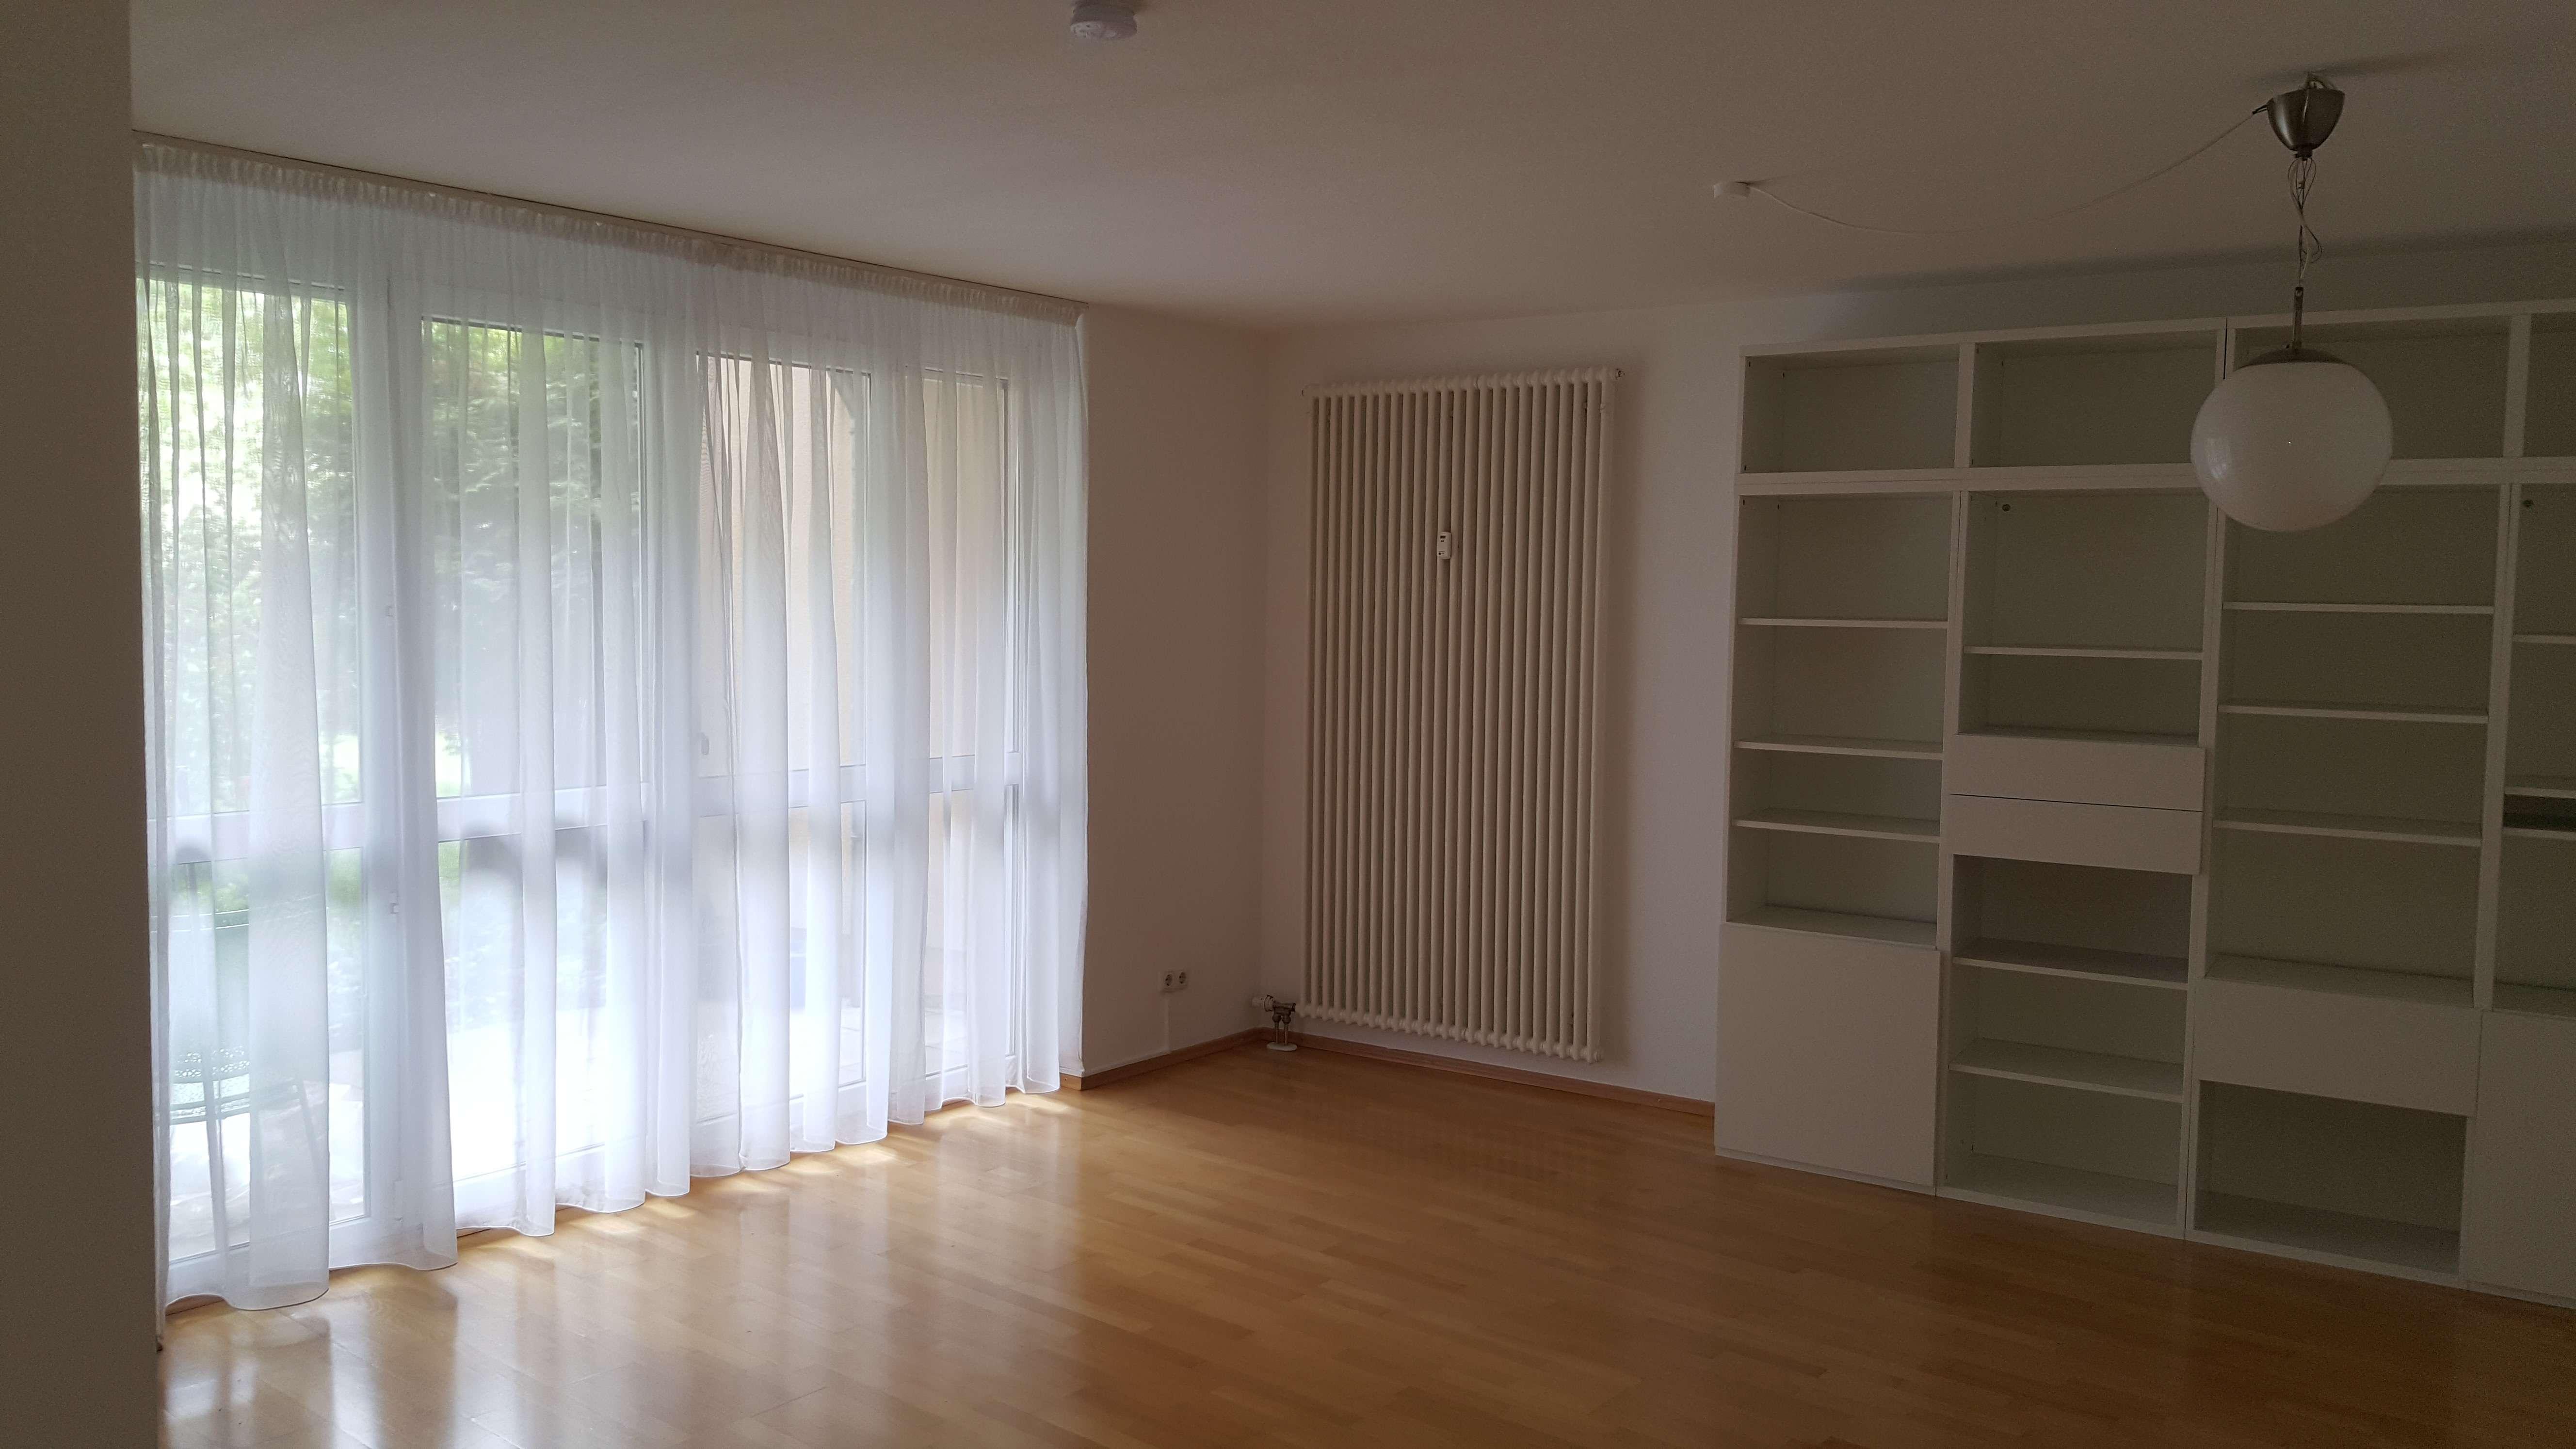 Helle, ruhige 1,5 Zimmer Wohnung in München, Thalkirchen-Obersendling